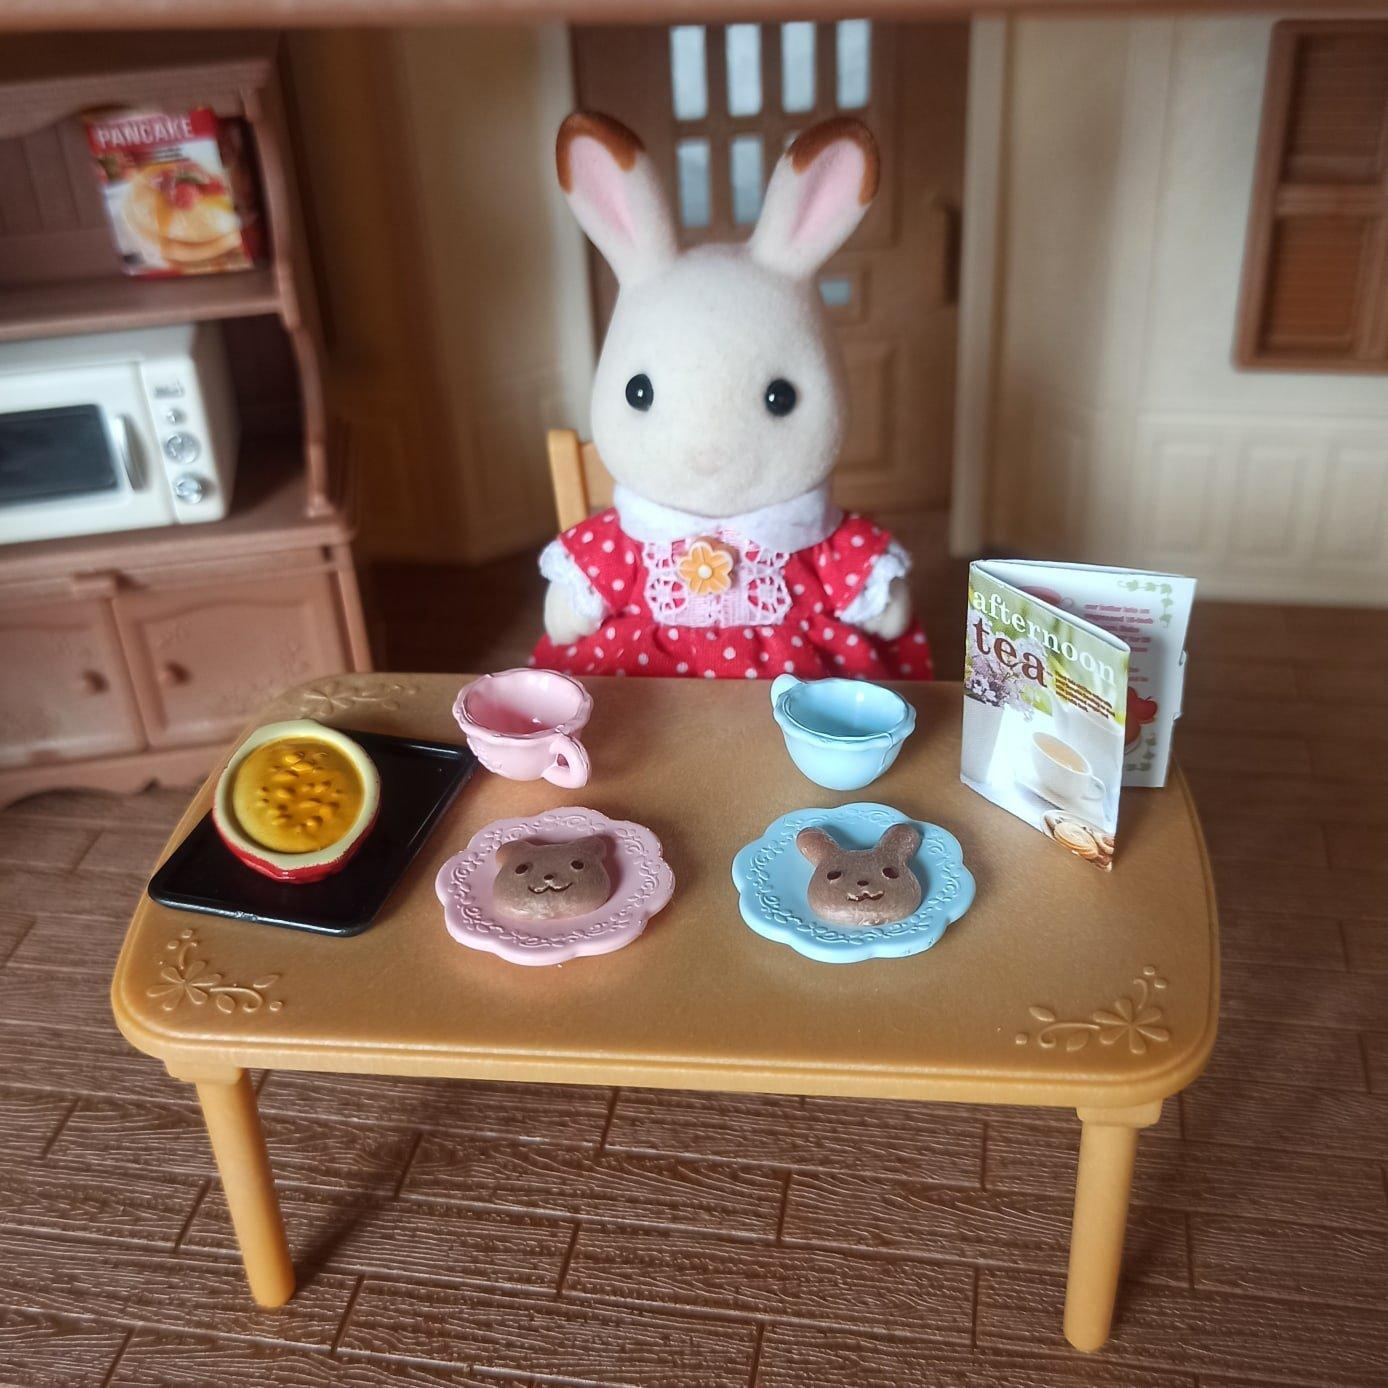 Комплект принадлежностей для кухни и мебели для игрового набора Sylvanian Families. - инструкция